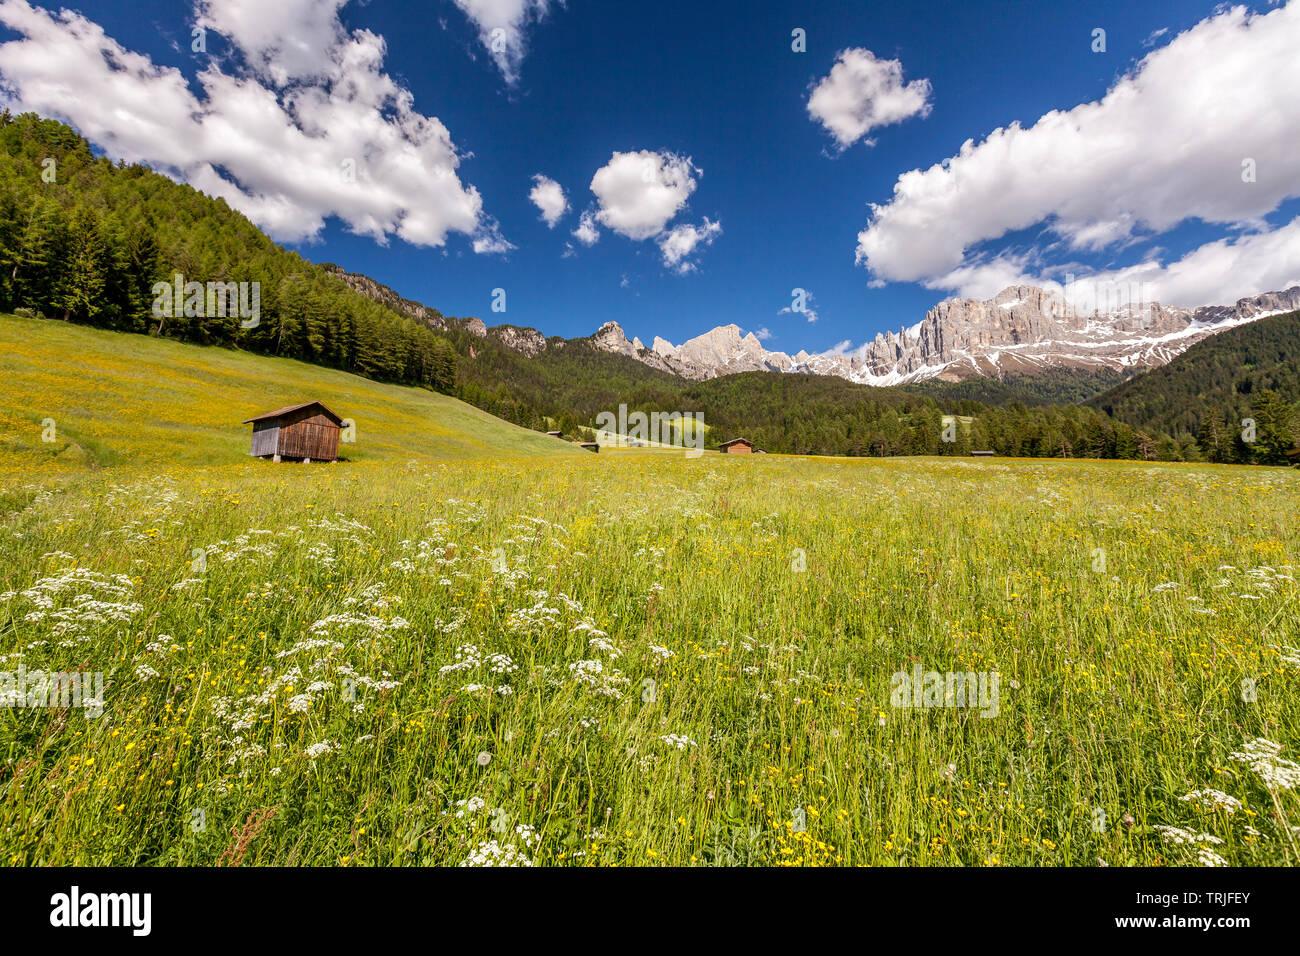 Capanna in legno (maso) nel verde dei prati con le Torri del Vajolet e Catinaccio in background, pneumatici Valley, Dolomiti, Alto Adige, Italia Immagini Stock